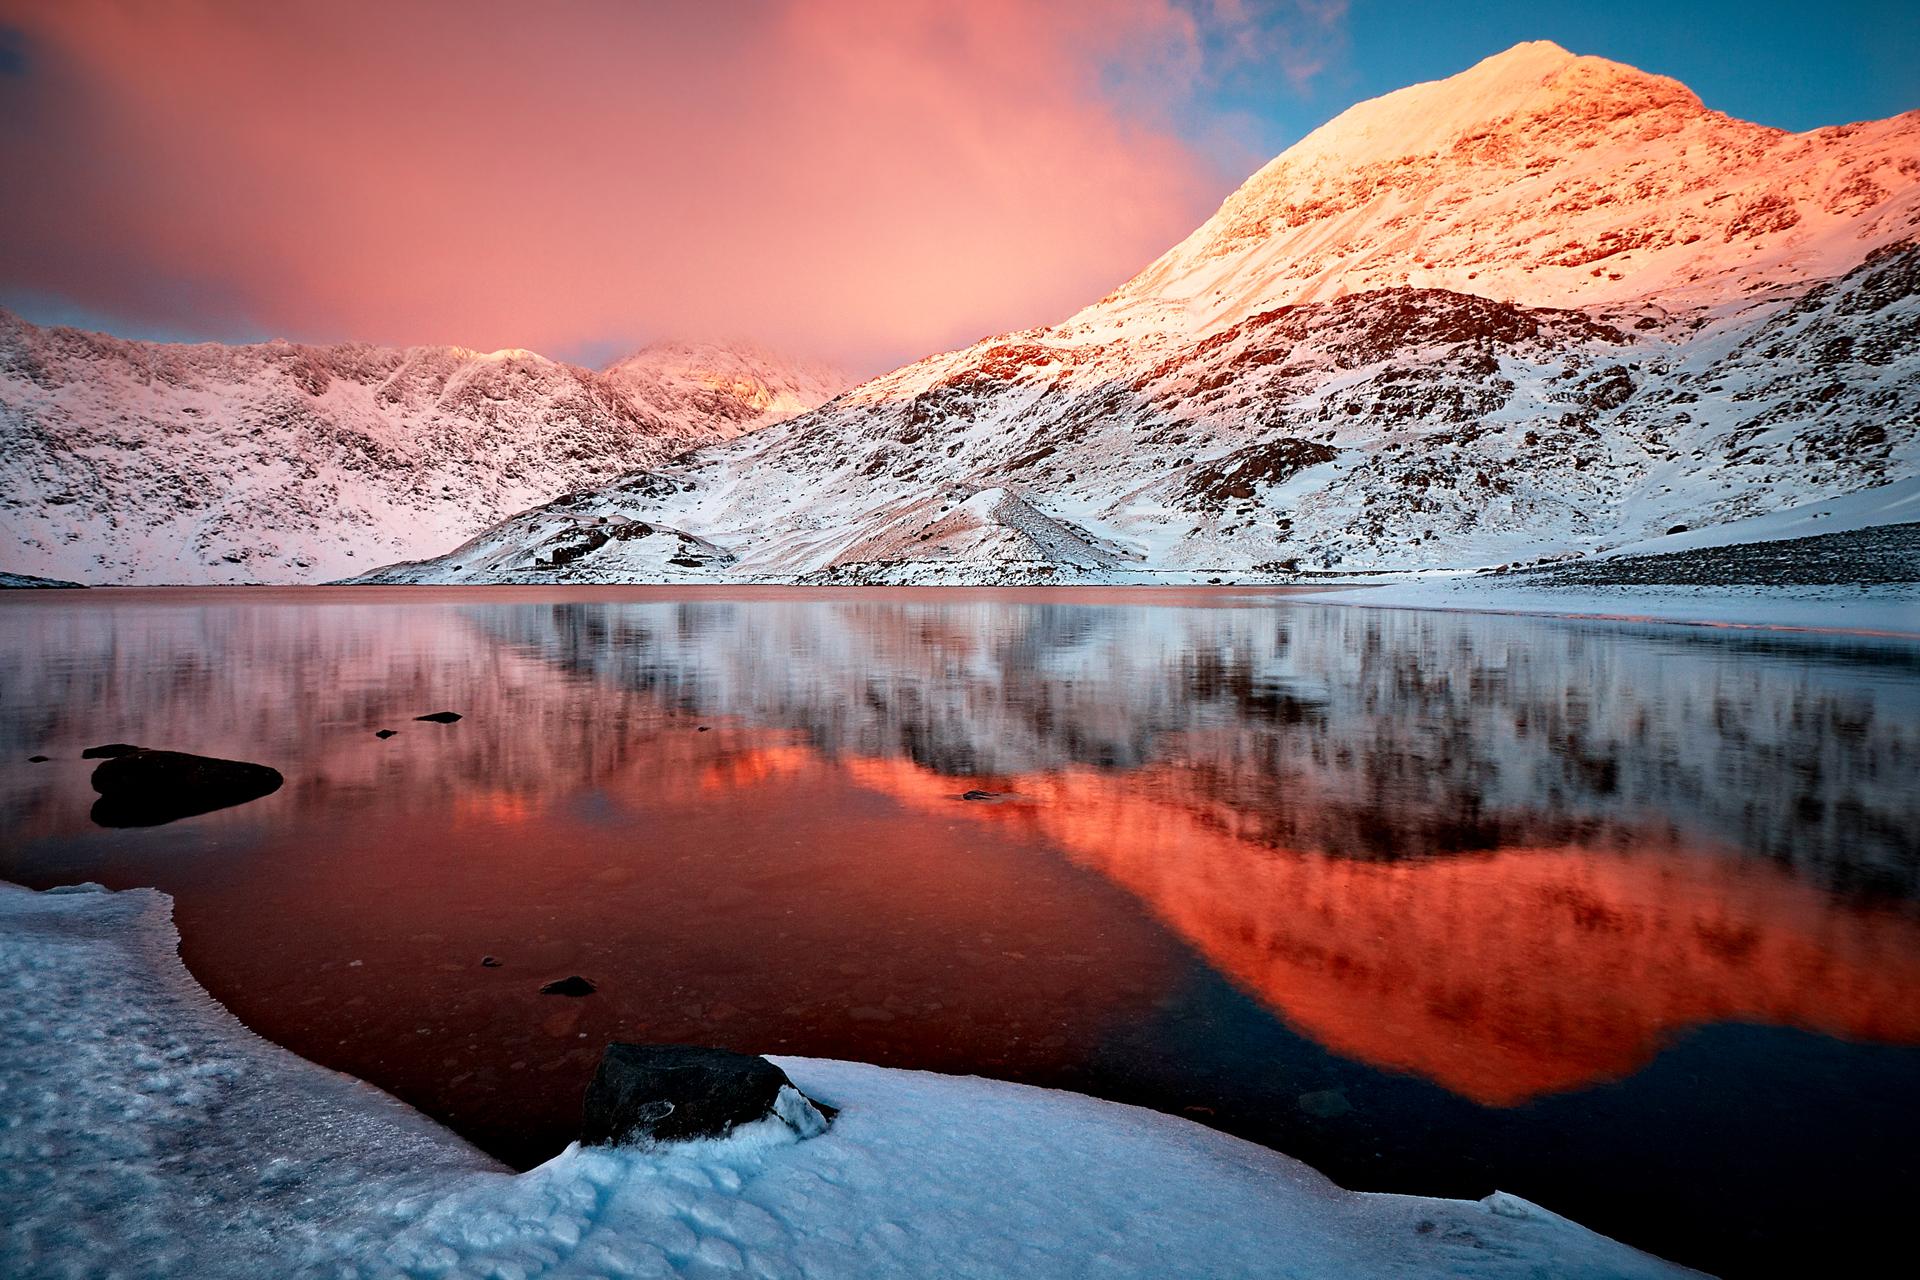 озеро гора снег  № 579256 загрузить